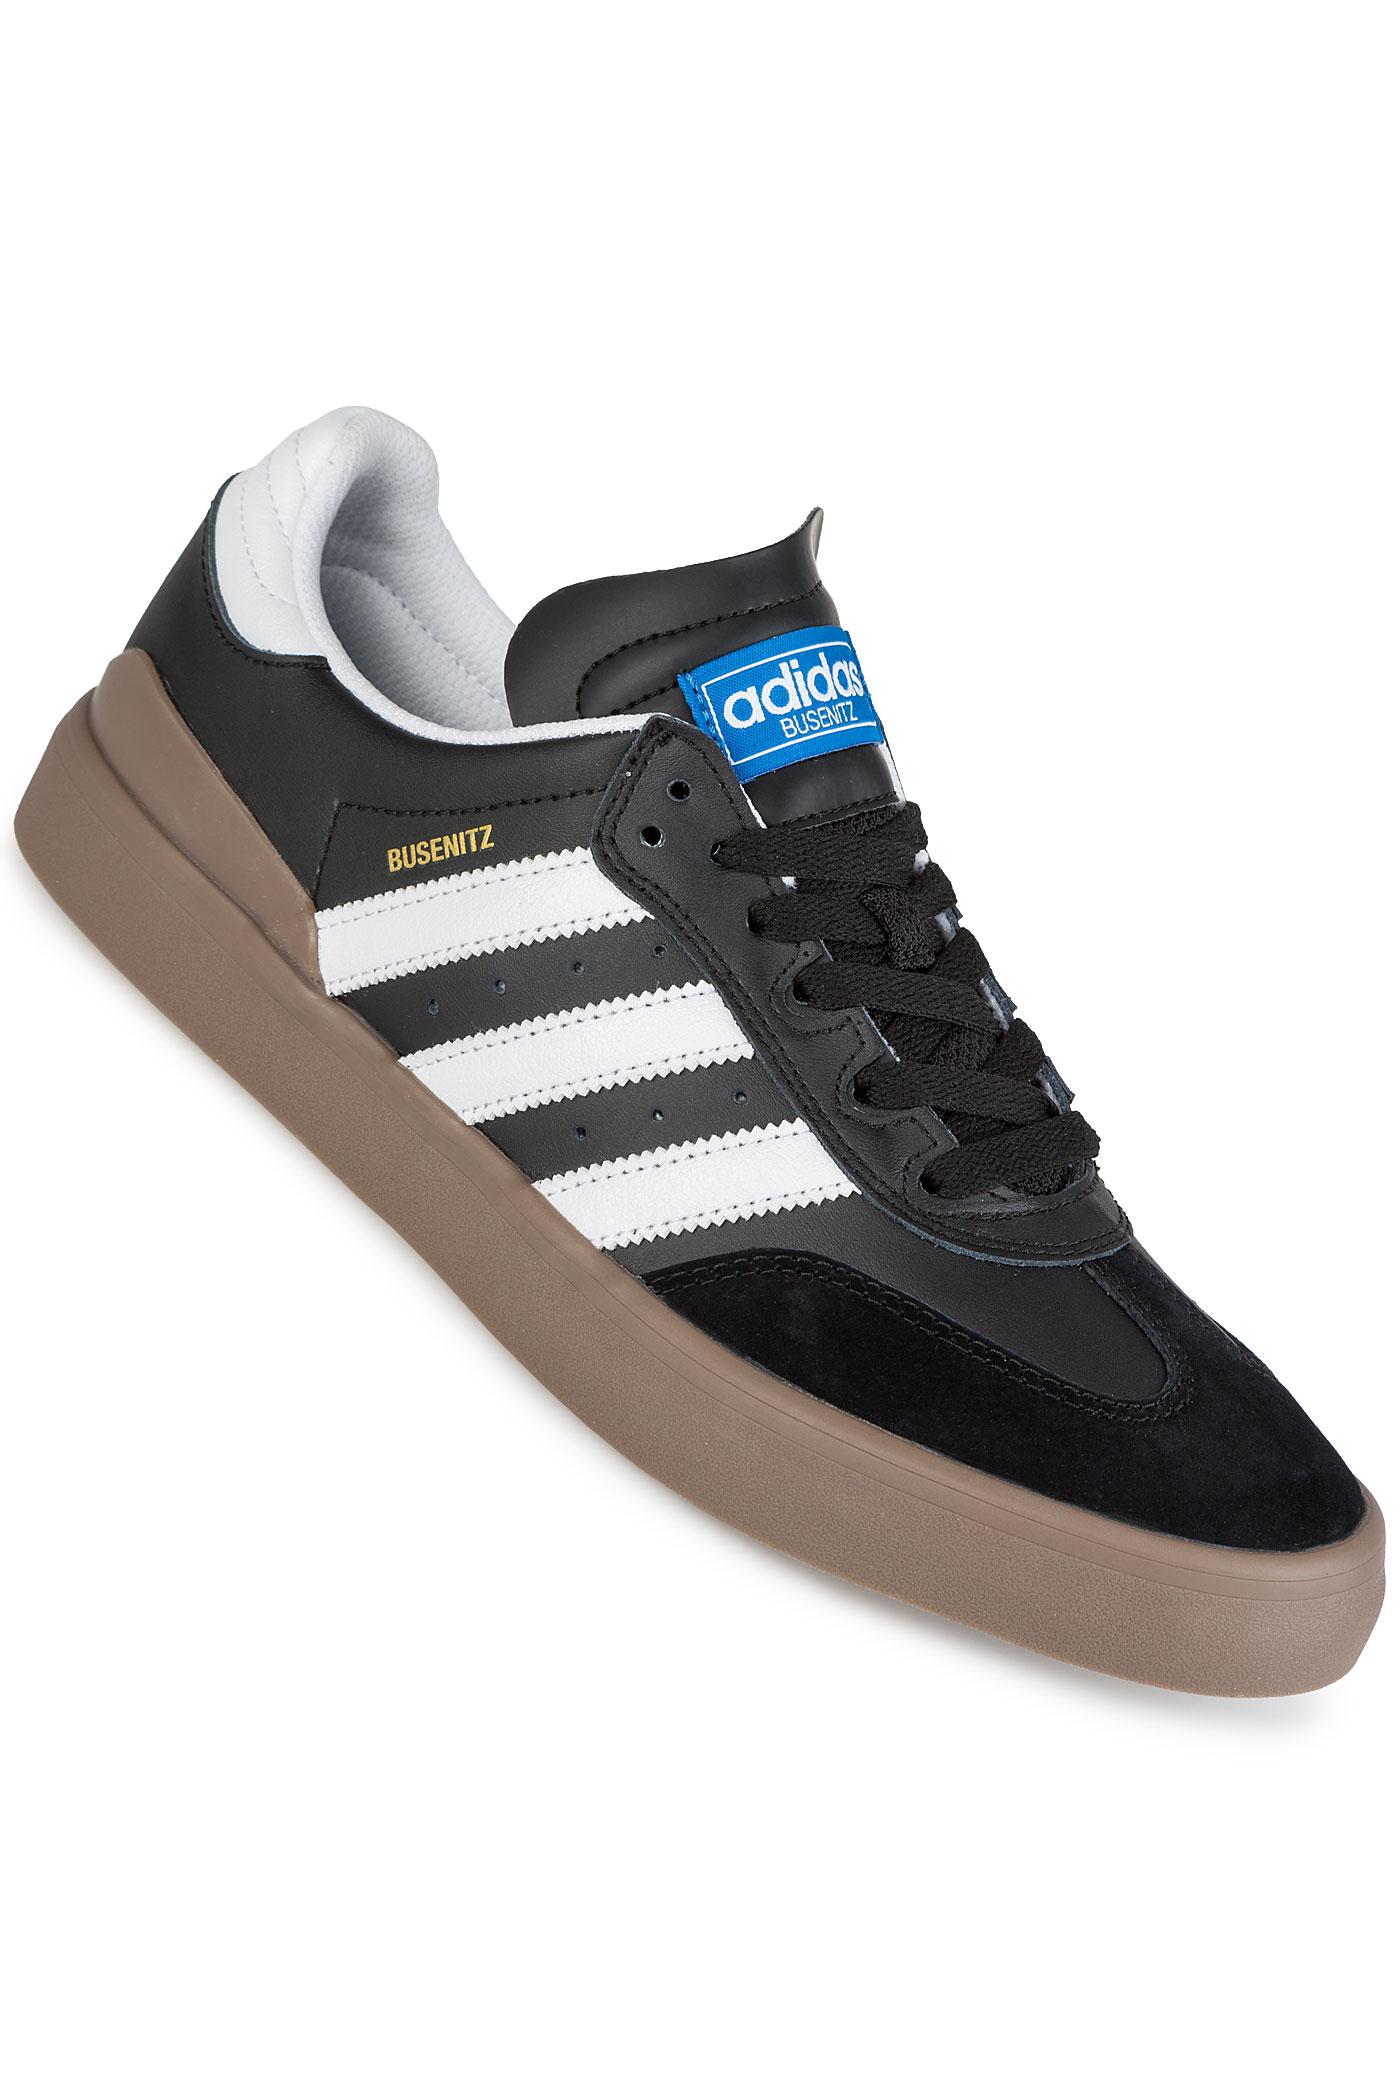 adidas skateboarding busenitz vulc rx shoes black